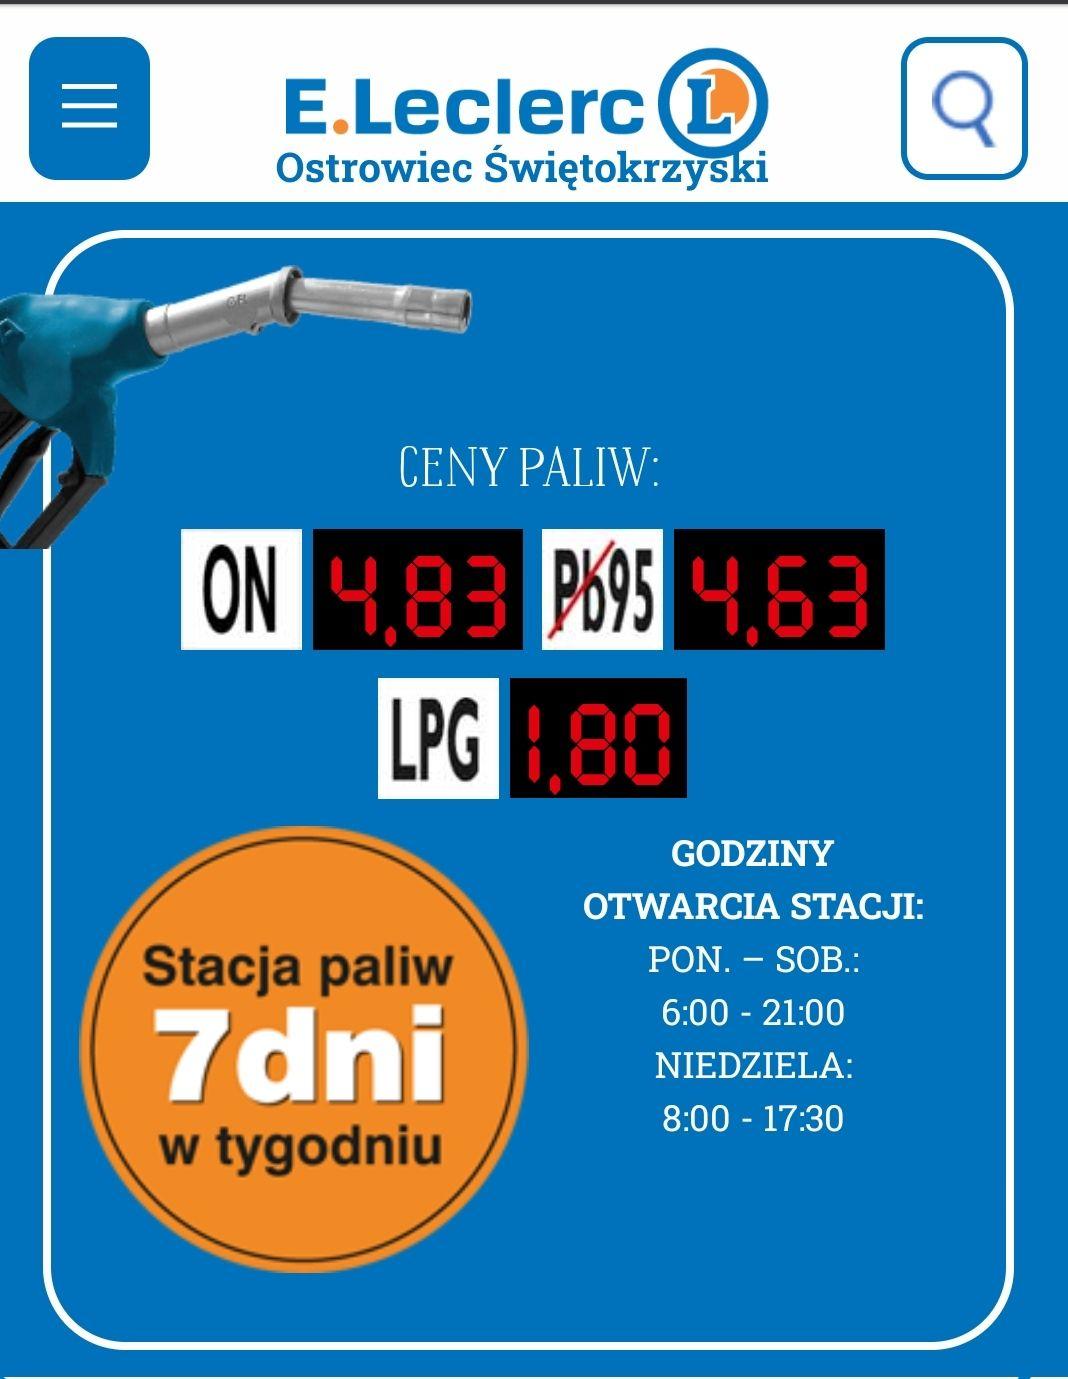 LPG 1,80 zł - stacja E.LECLERC Ostrowiec Świetokrzyski - oferta lokalna